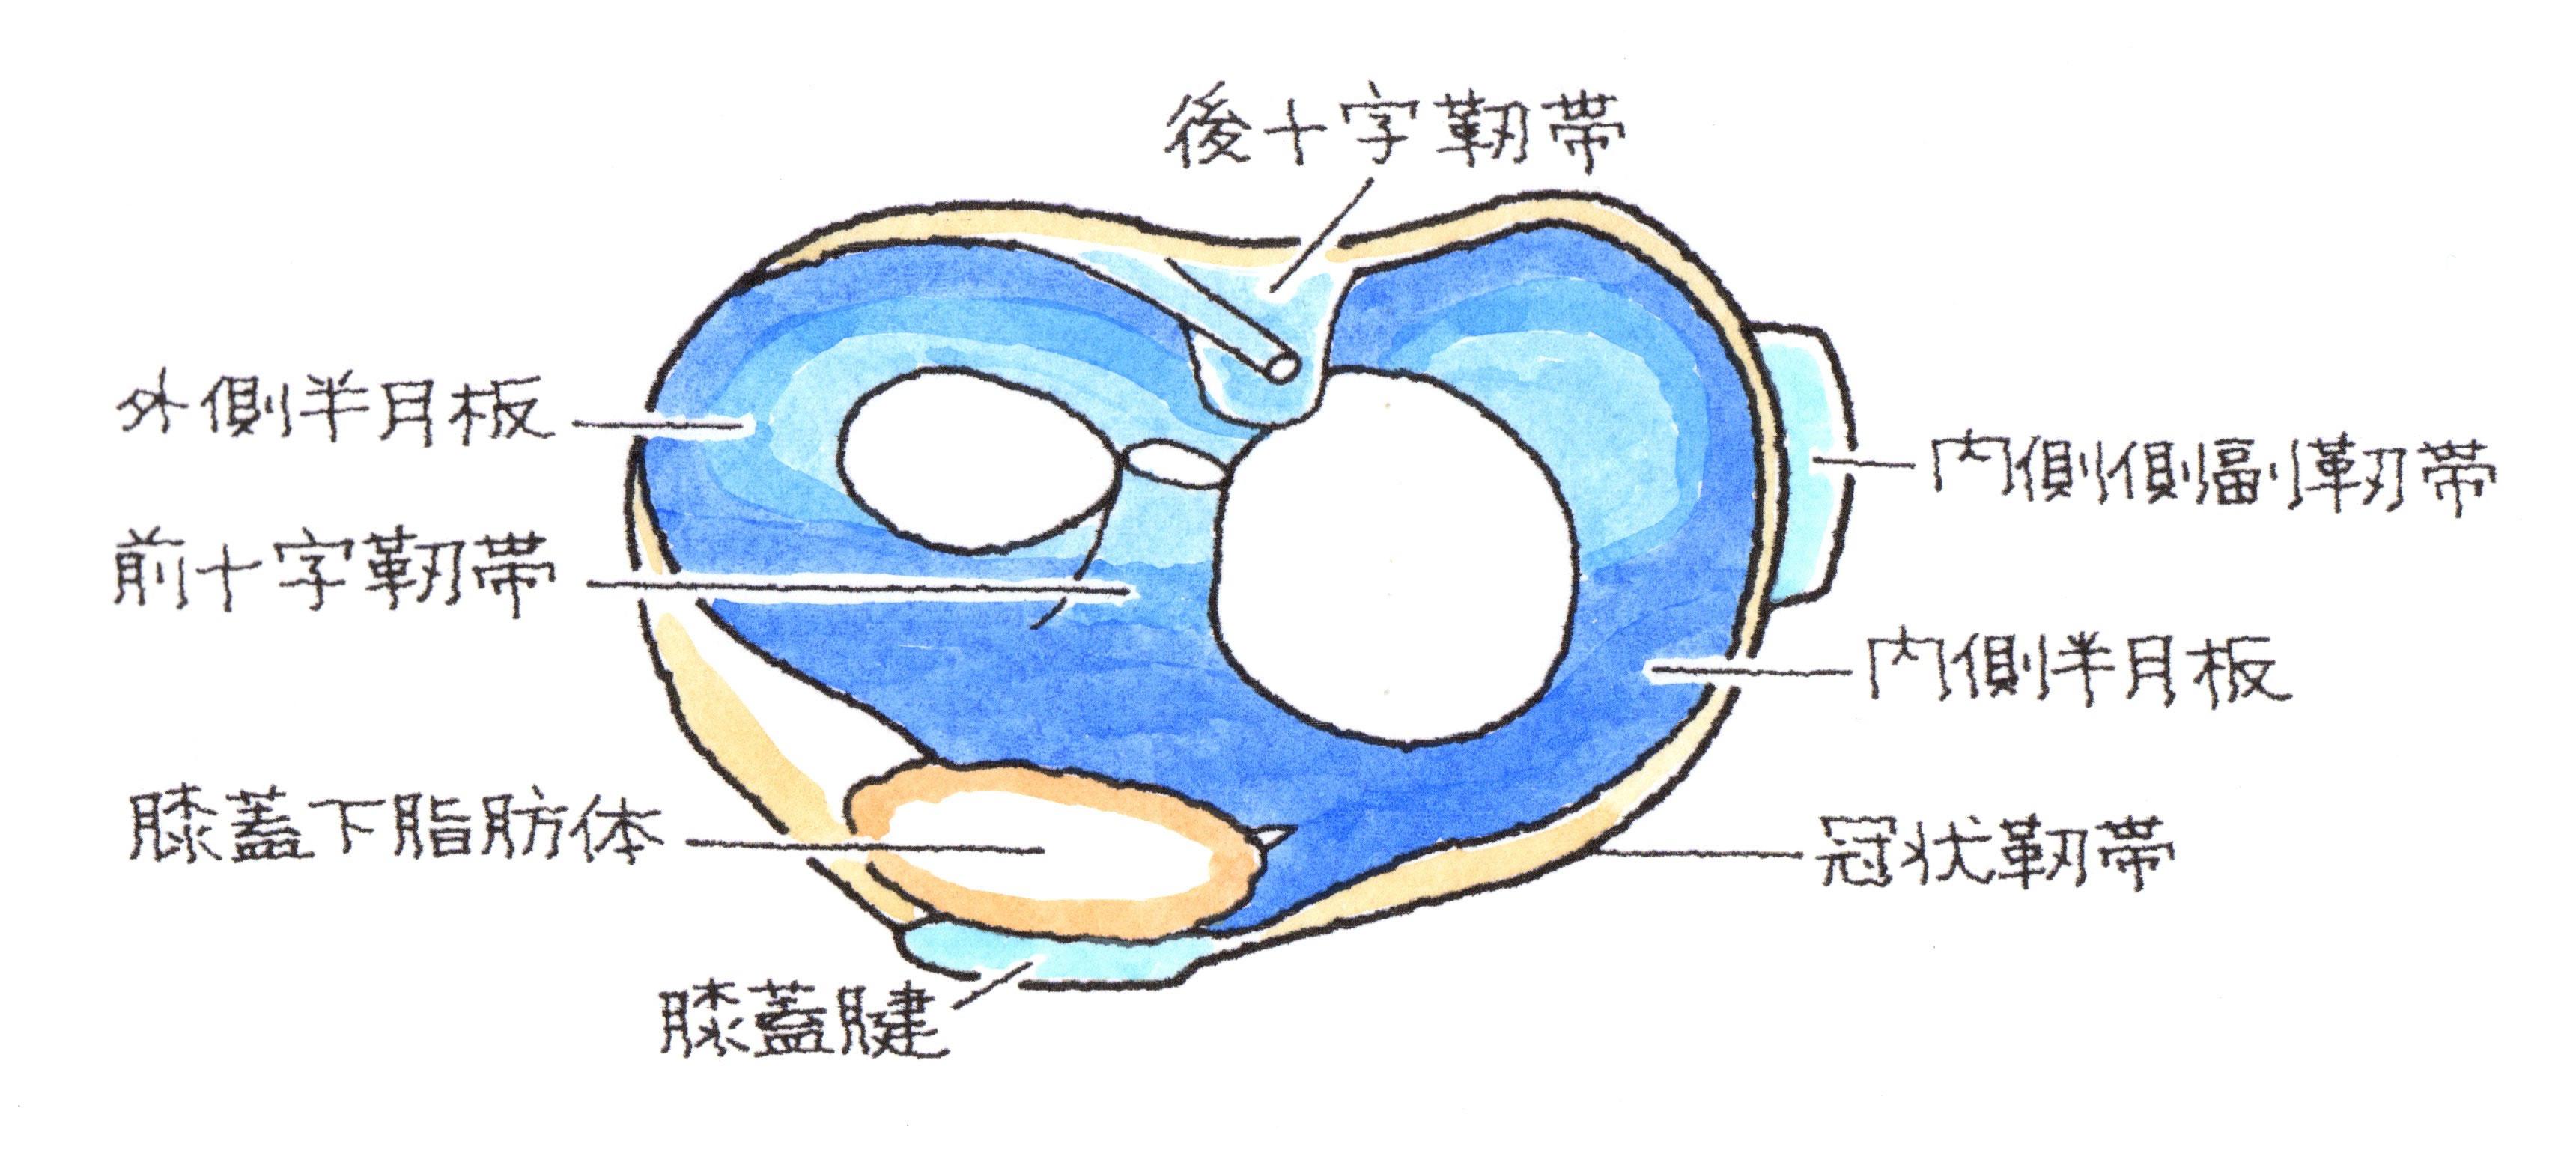 129-1.jpg